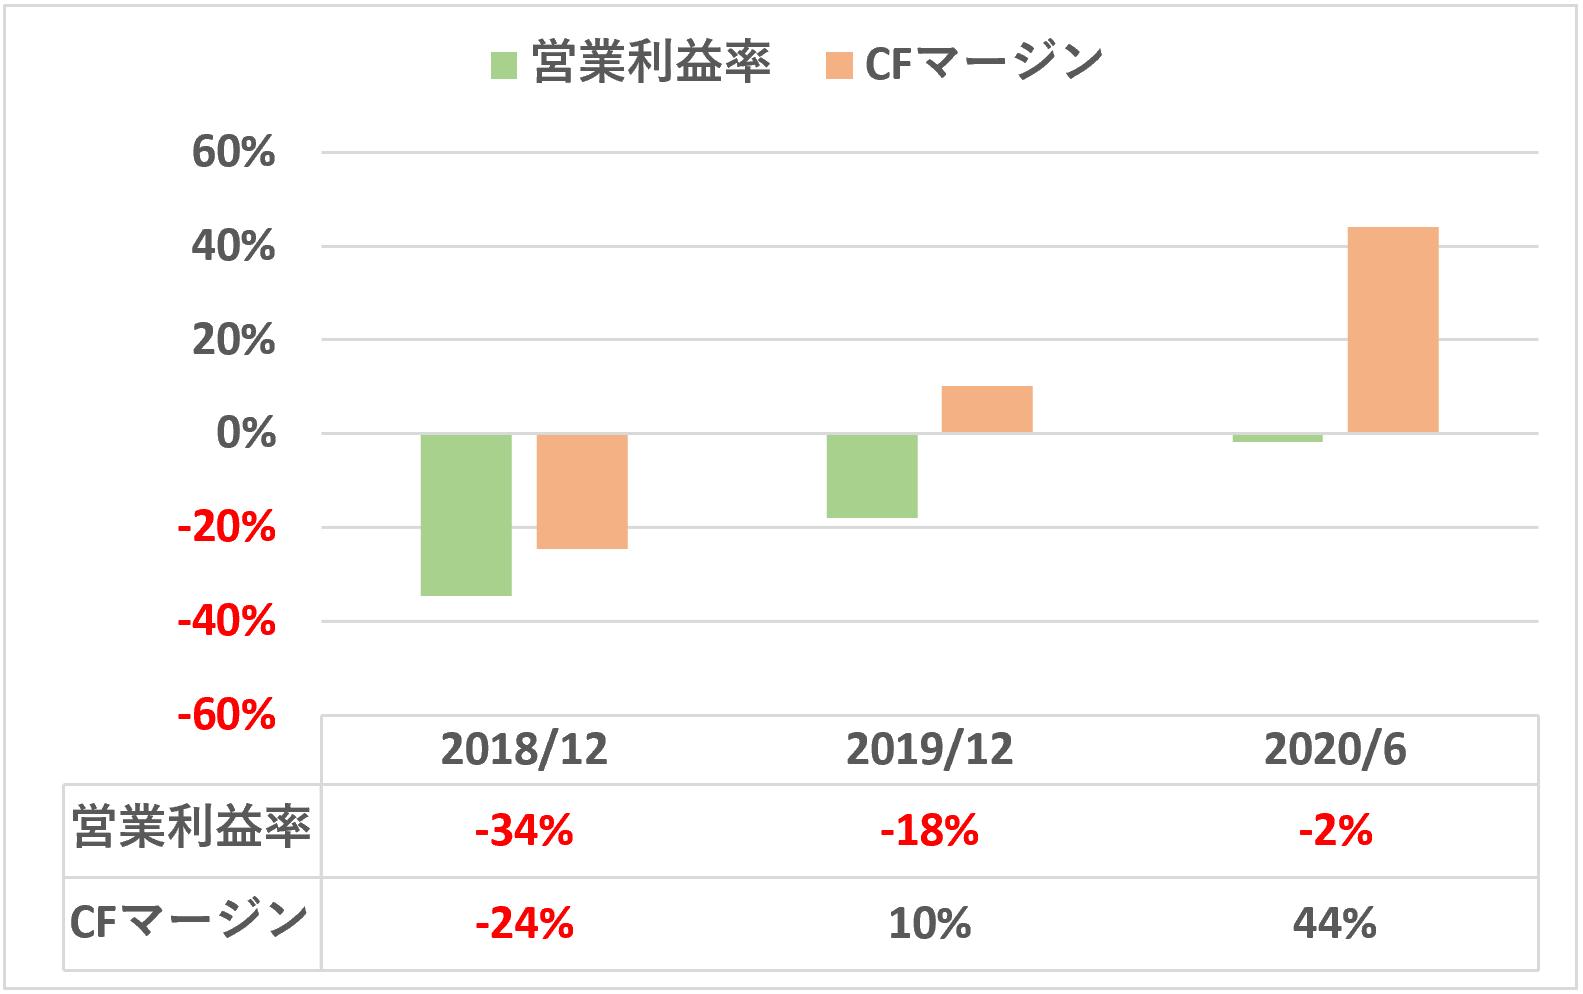 KIYOラーニング営業利益率&営業キャッシュフローマージン推移